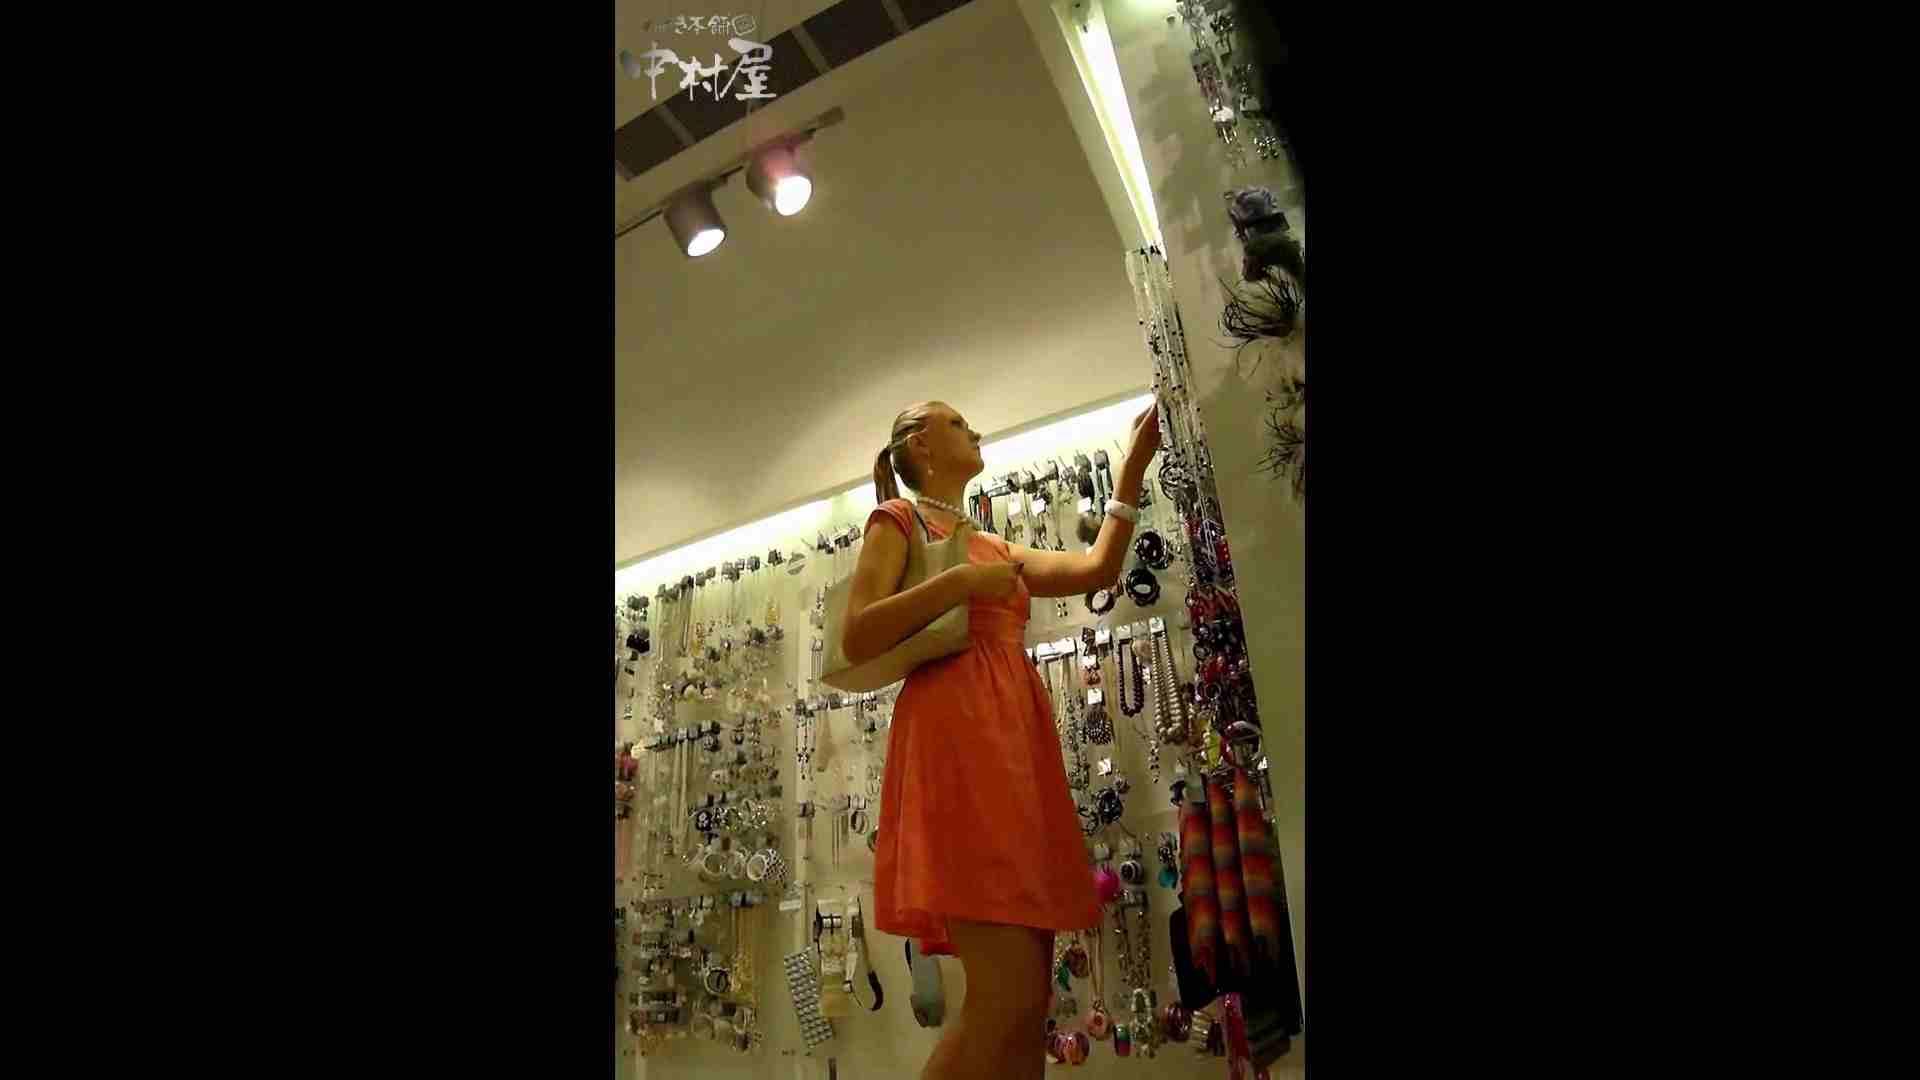 綺麗なモデルさんのスカート捲っちゃおう‼ vol21 お姉さんヌード  100画像 2